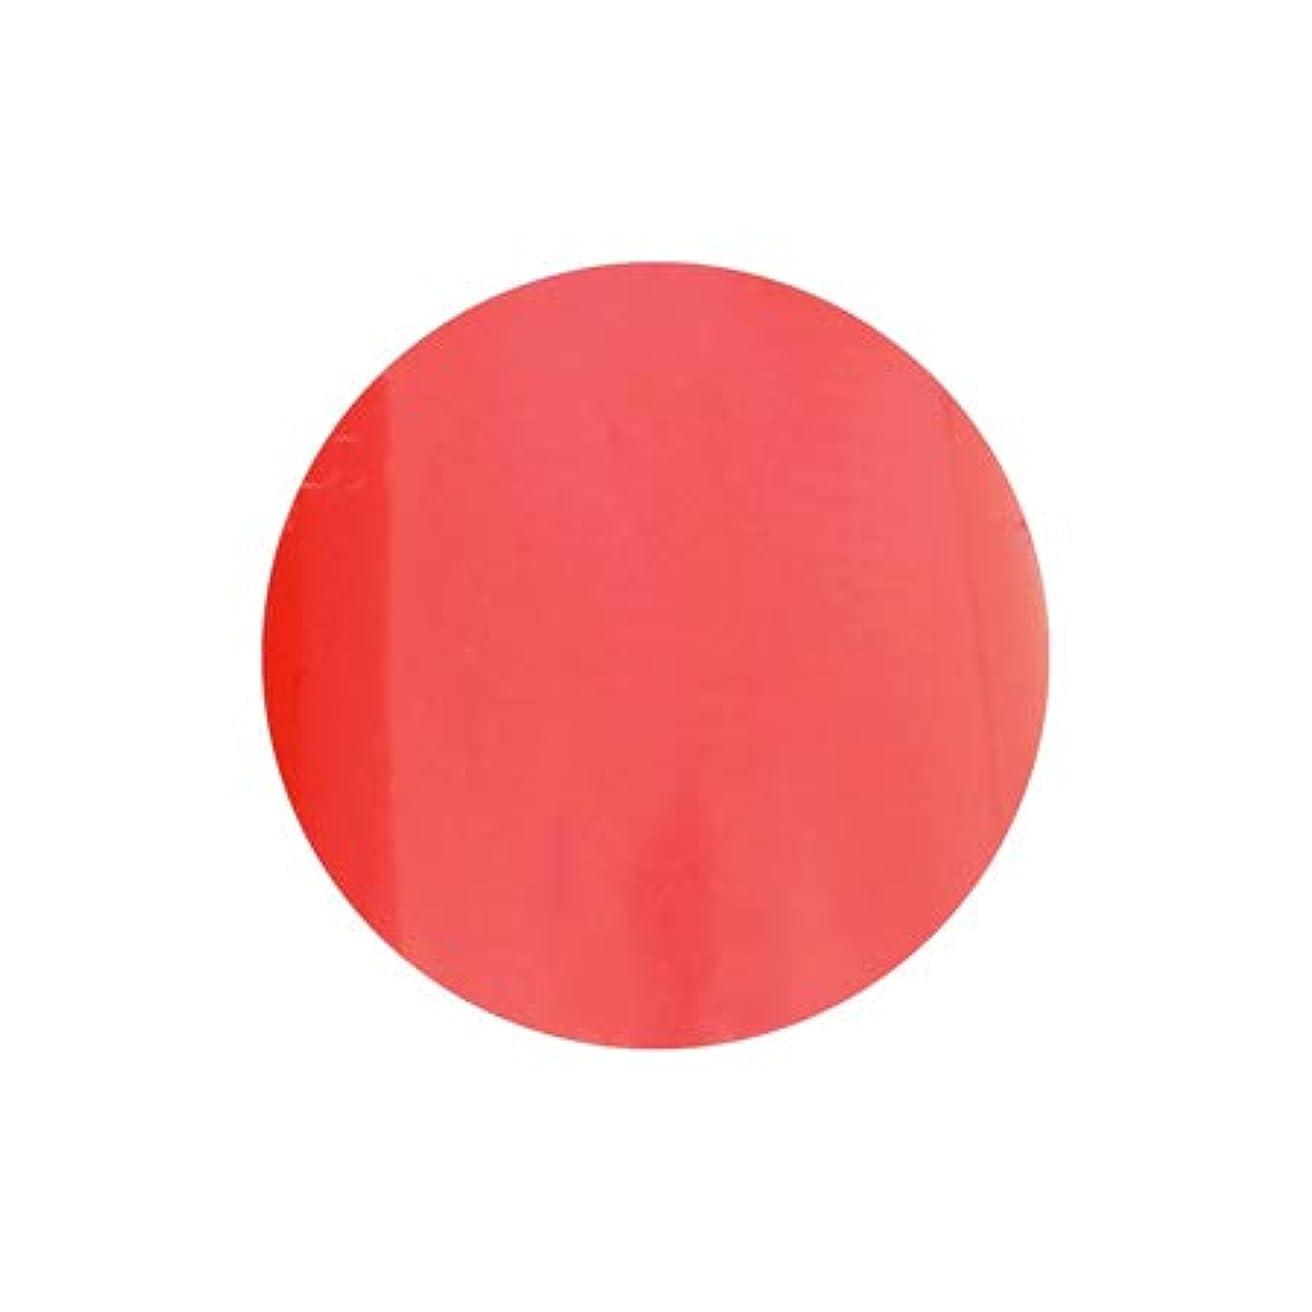 スイング貫入マイナスT-GEL COLLECTION カラージェル D231 シフォンルミナスレッド 4ml